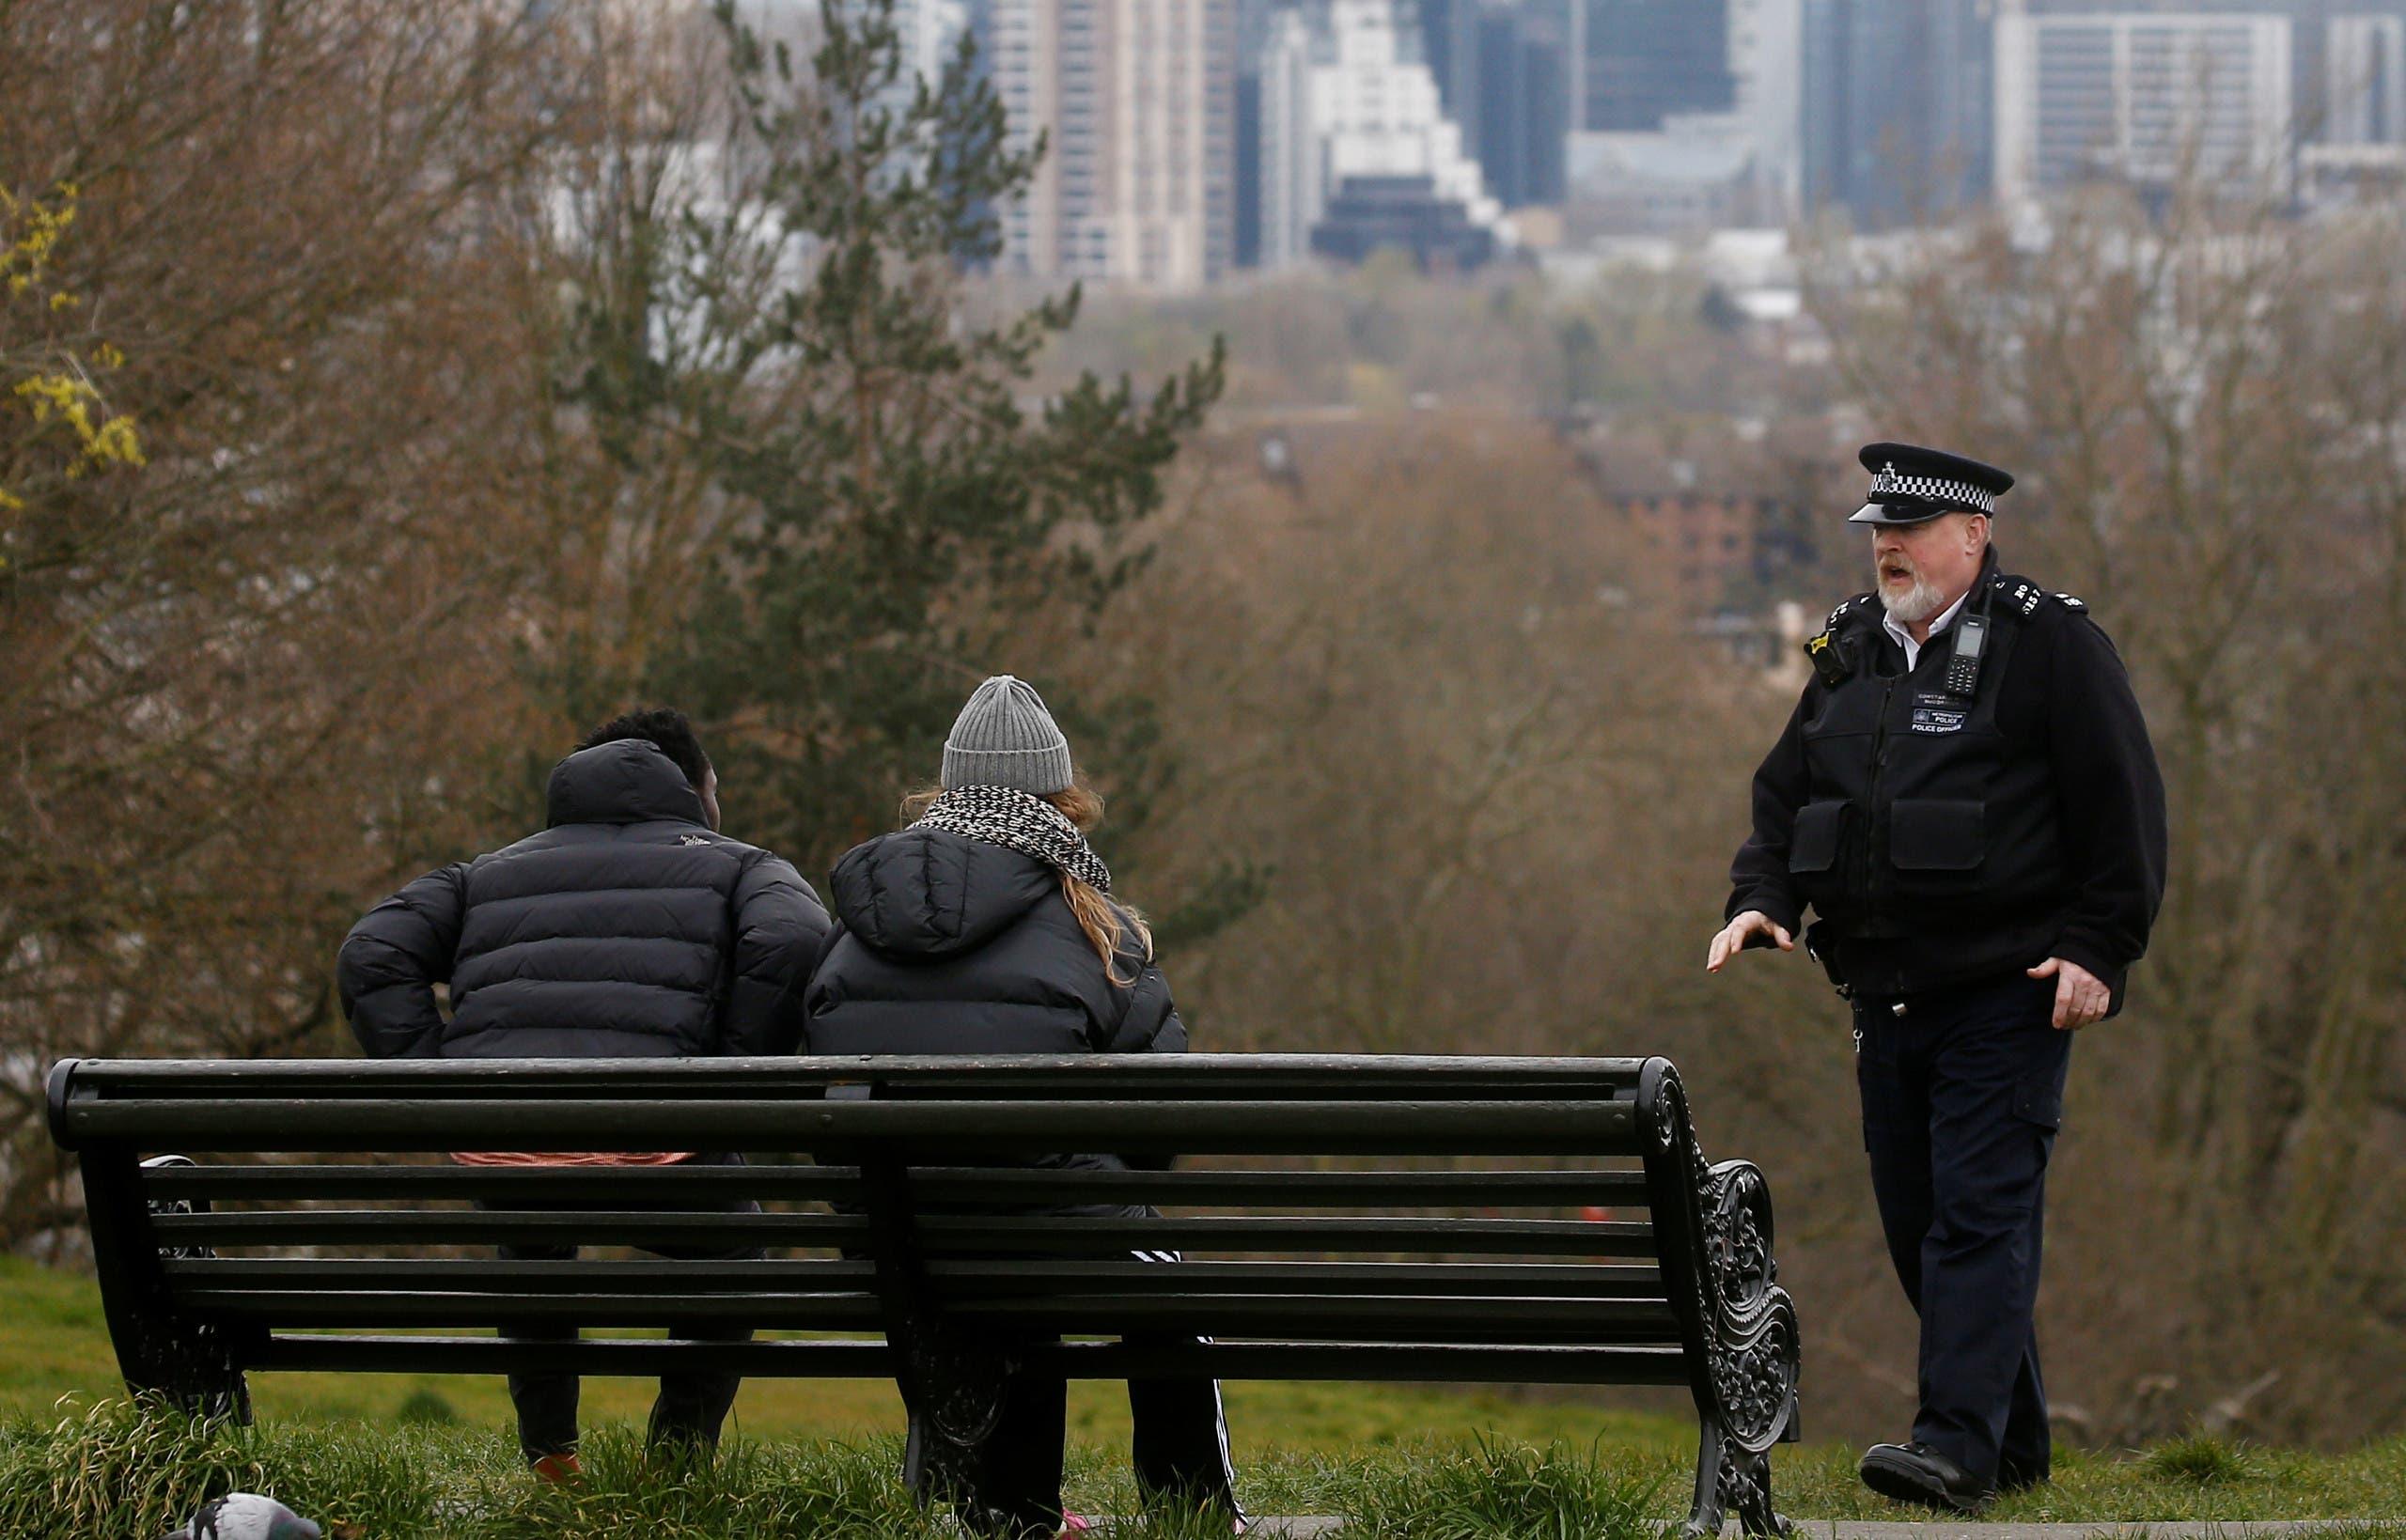 شرطي يؤنب اثنين يجلسان في حديقة عامة في لندن